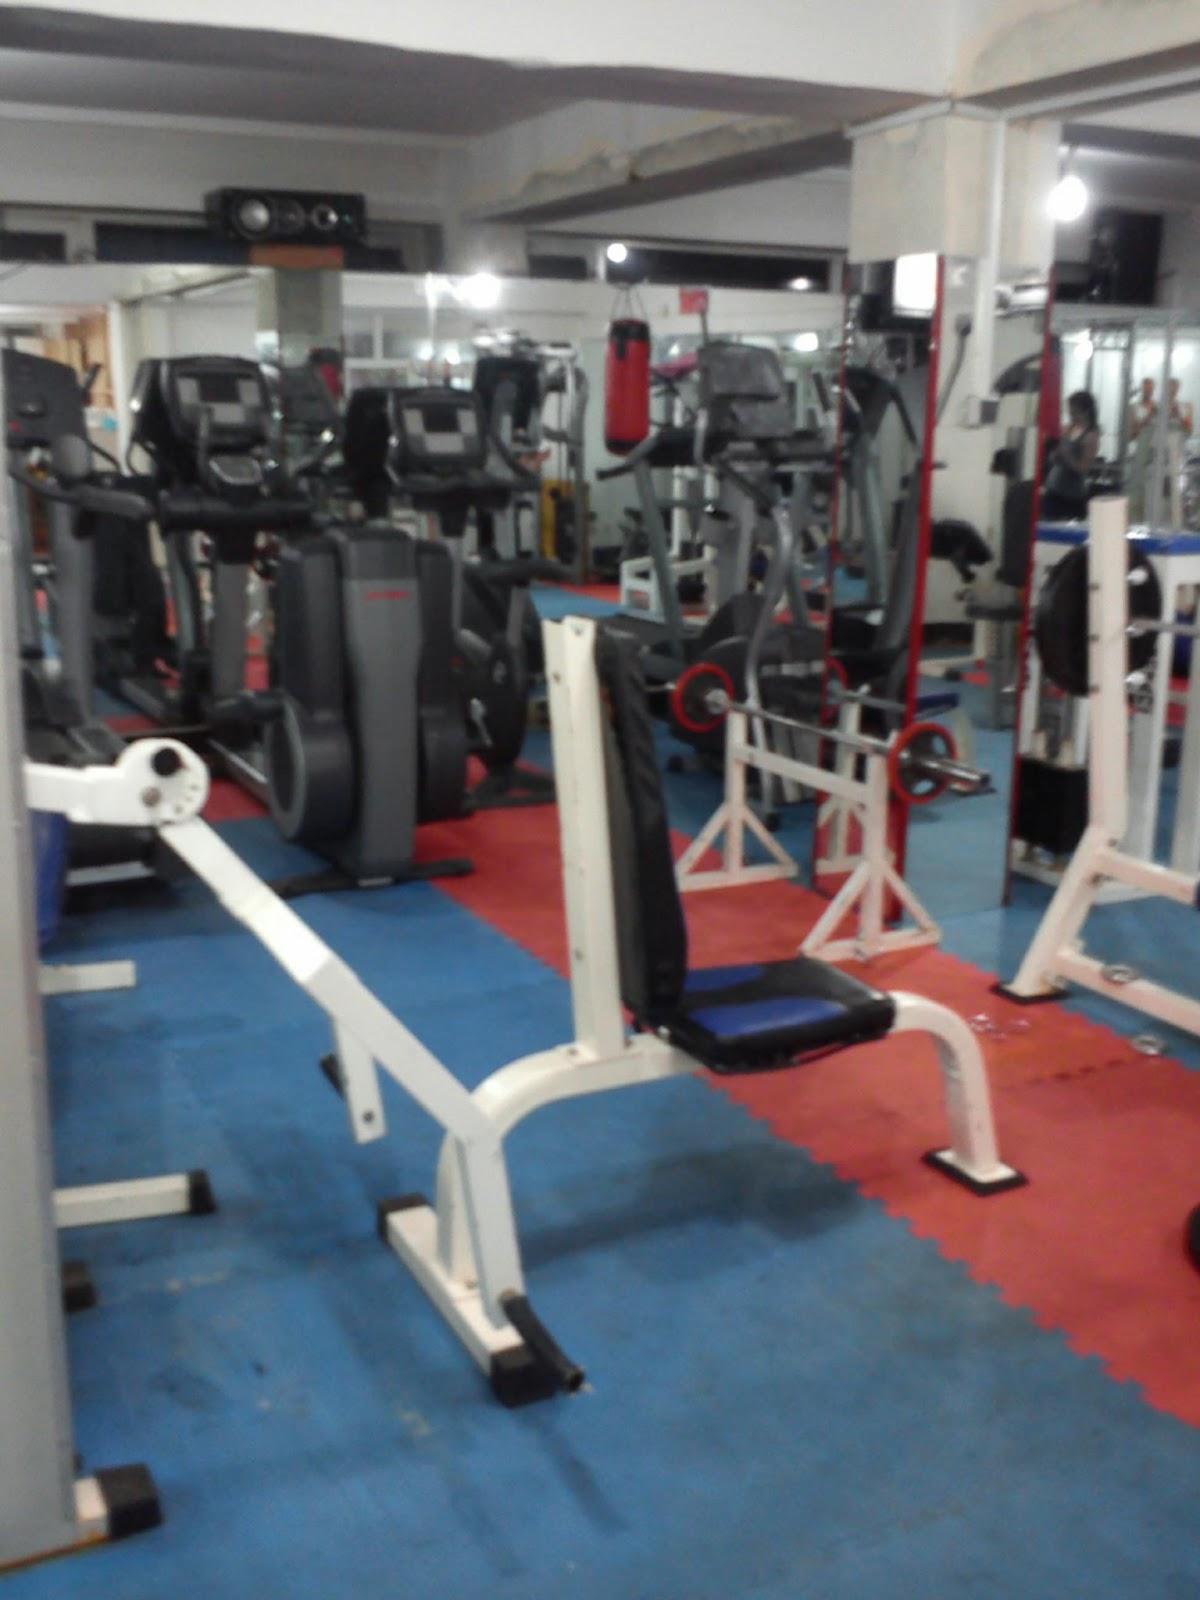 Prywatna siłownia którą miałem do dyspozycji będąc w Kabulu